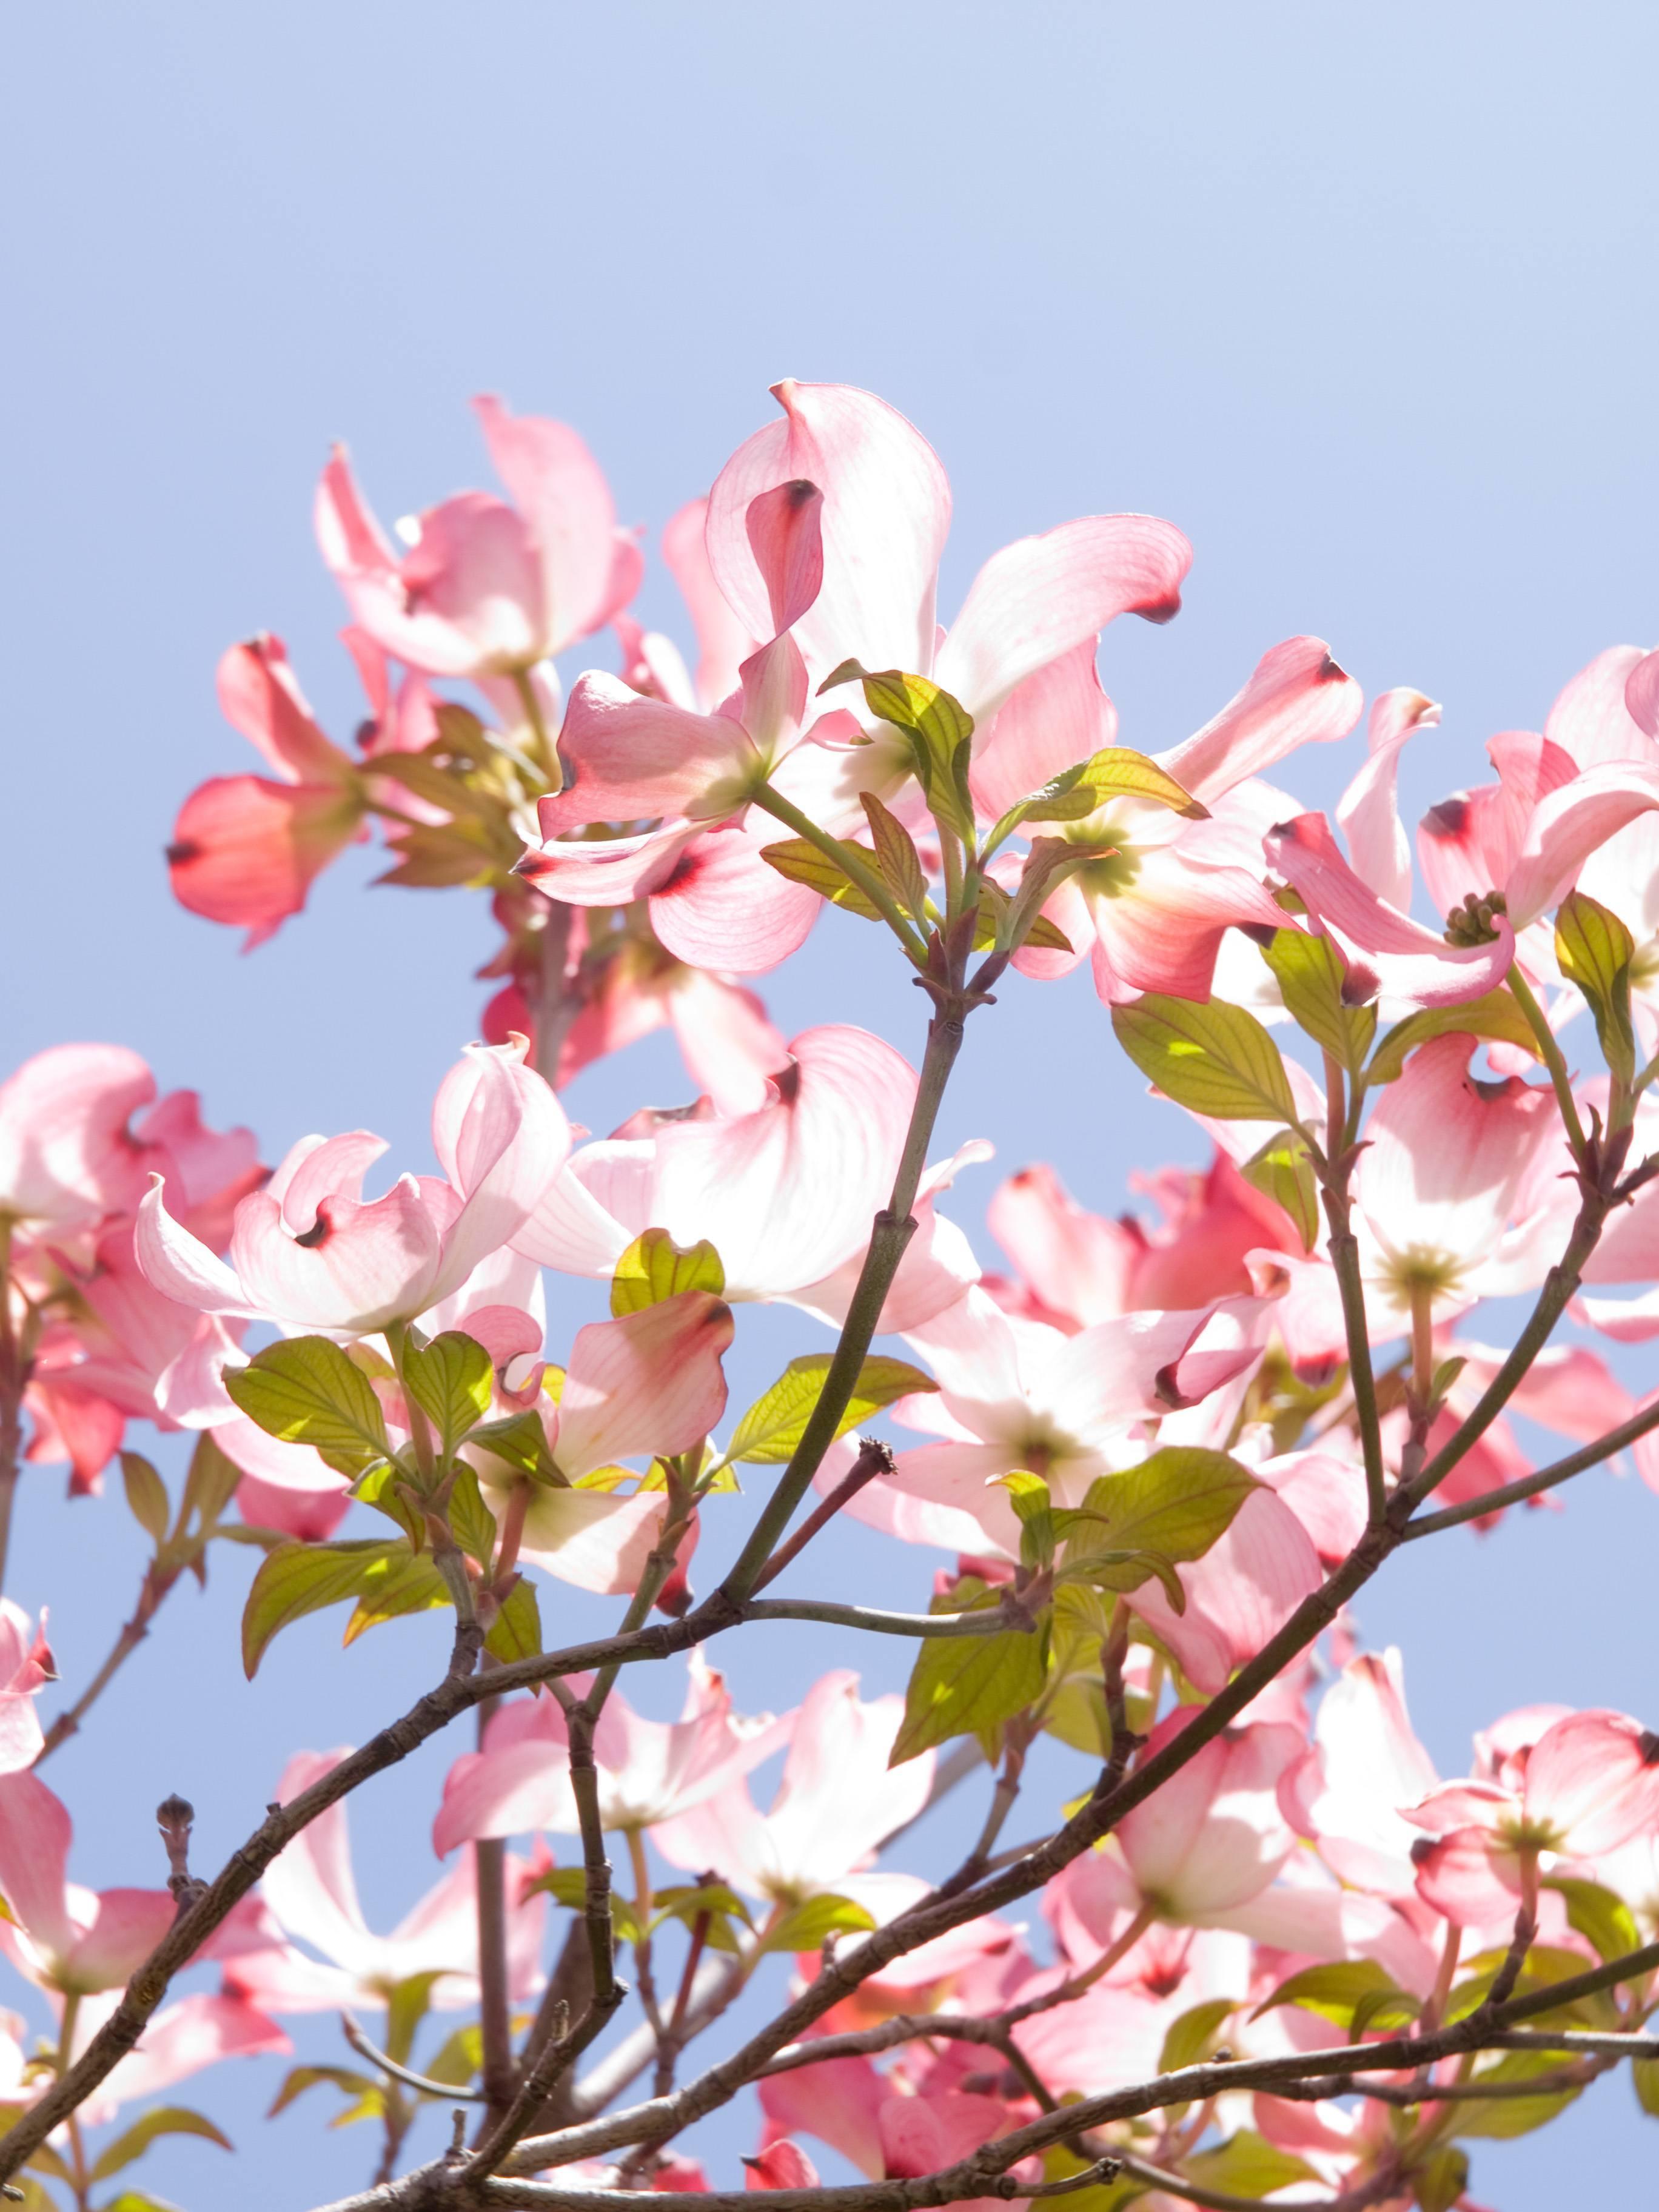 Spring Flowering Beauty